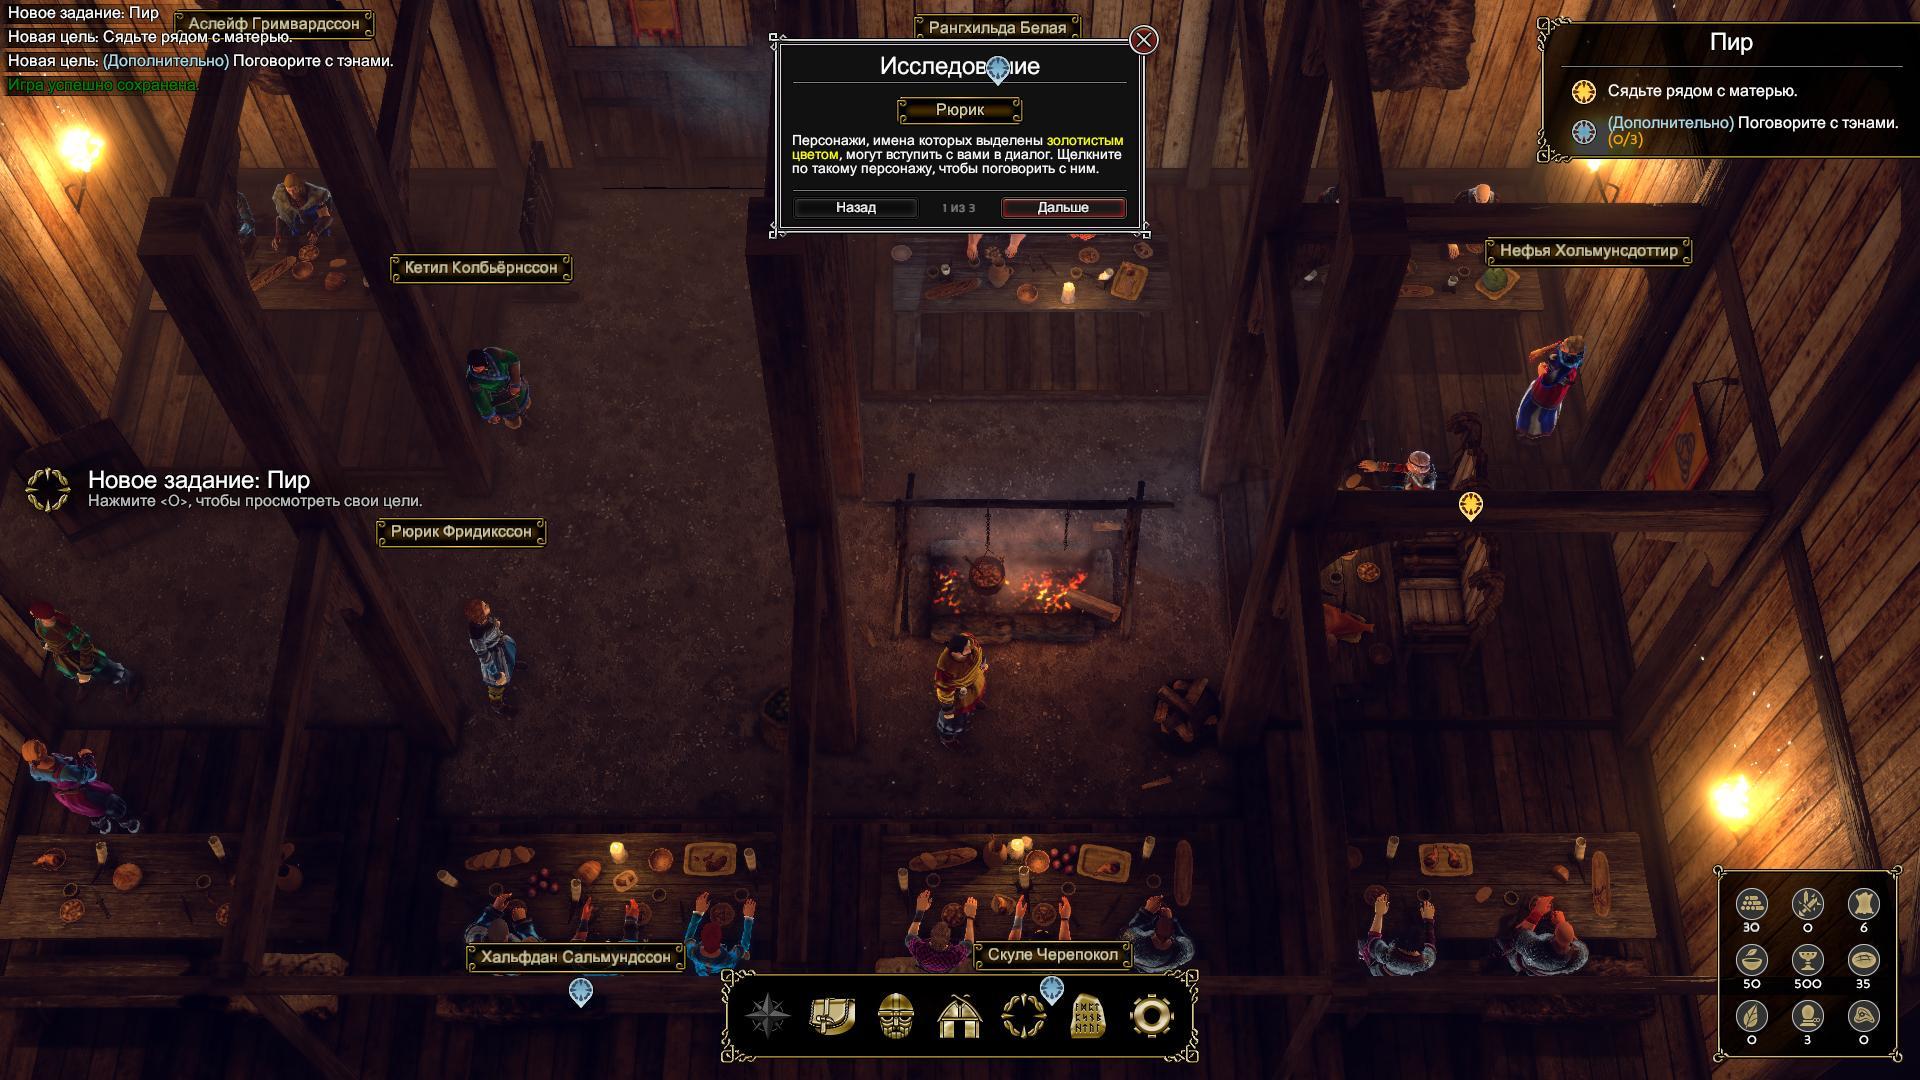 Expeditions: Viking - Digital Deluxe Edition [v 1.0.7.1 + DLC] (2017) PC | RePack от qoob